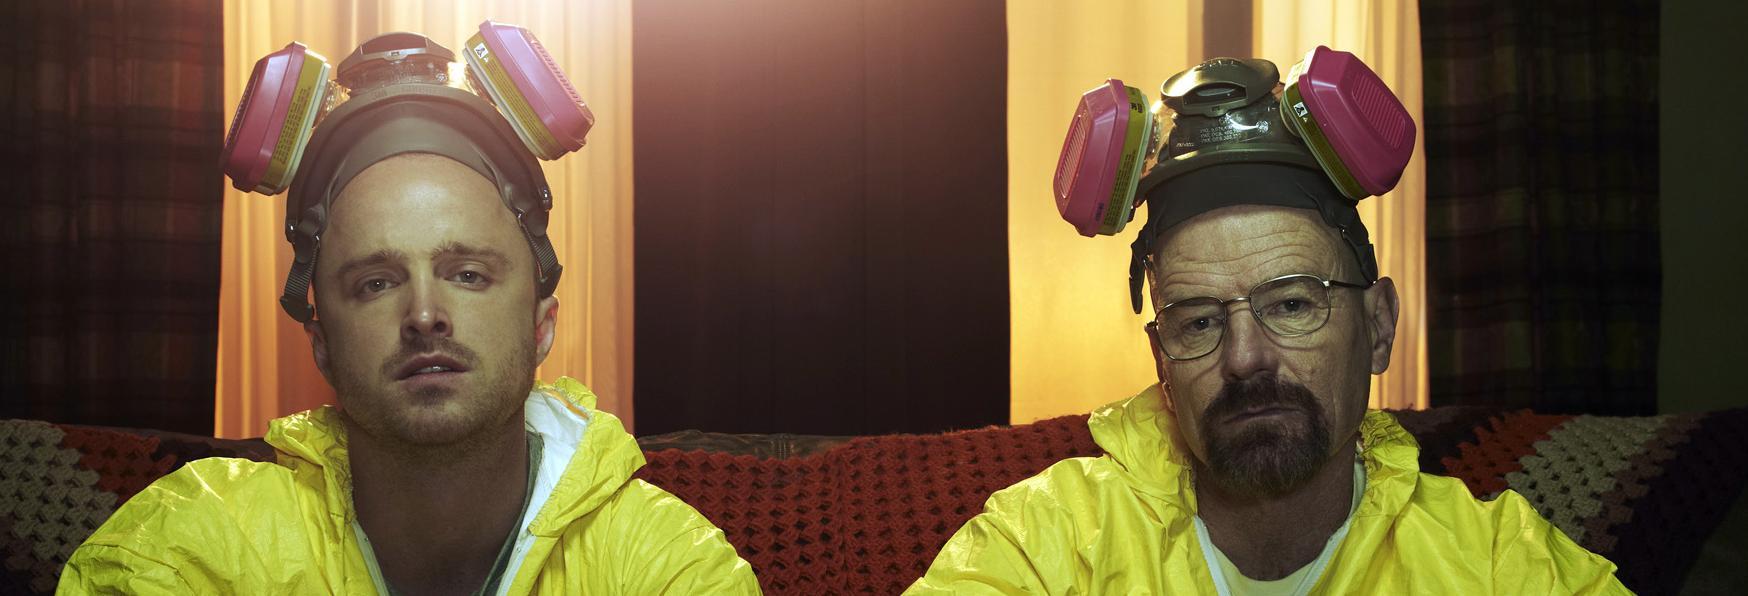 Un Film su Breaking Bad! Le riprese iniziano a metà novembre